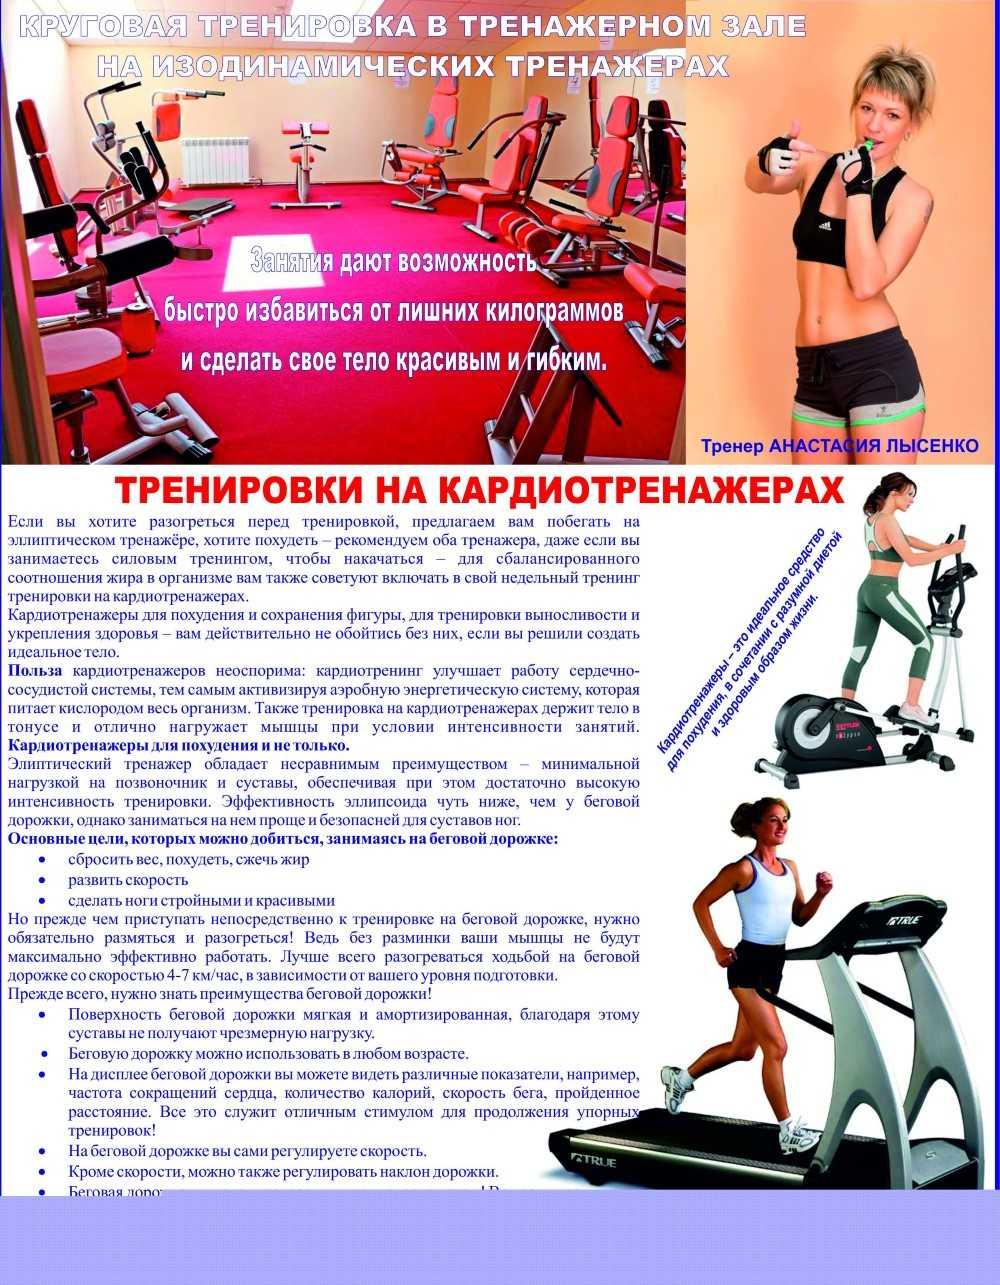 Как заниматься на эллиптическом тренажере, чтобы похудеть - программы тренировок и упражнения с видео